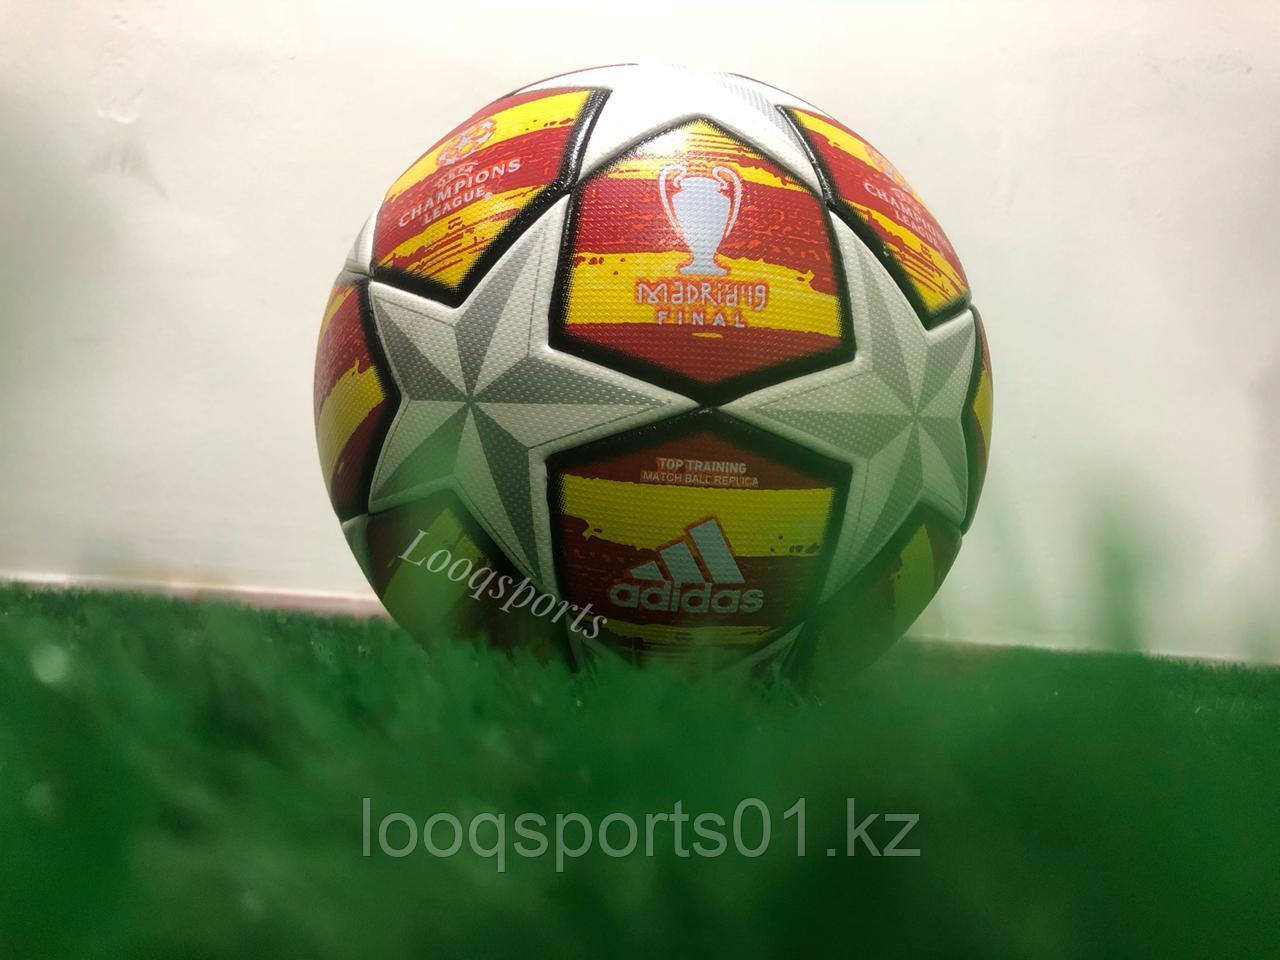 Футбольный мяч Adidas Champions League Finale Madrid 19